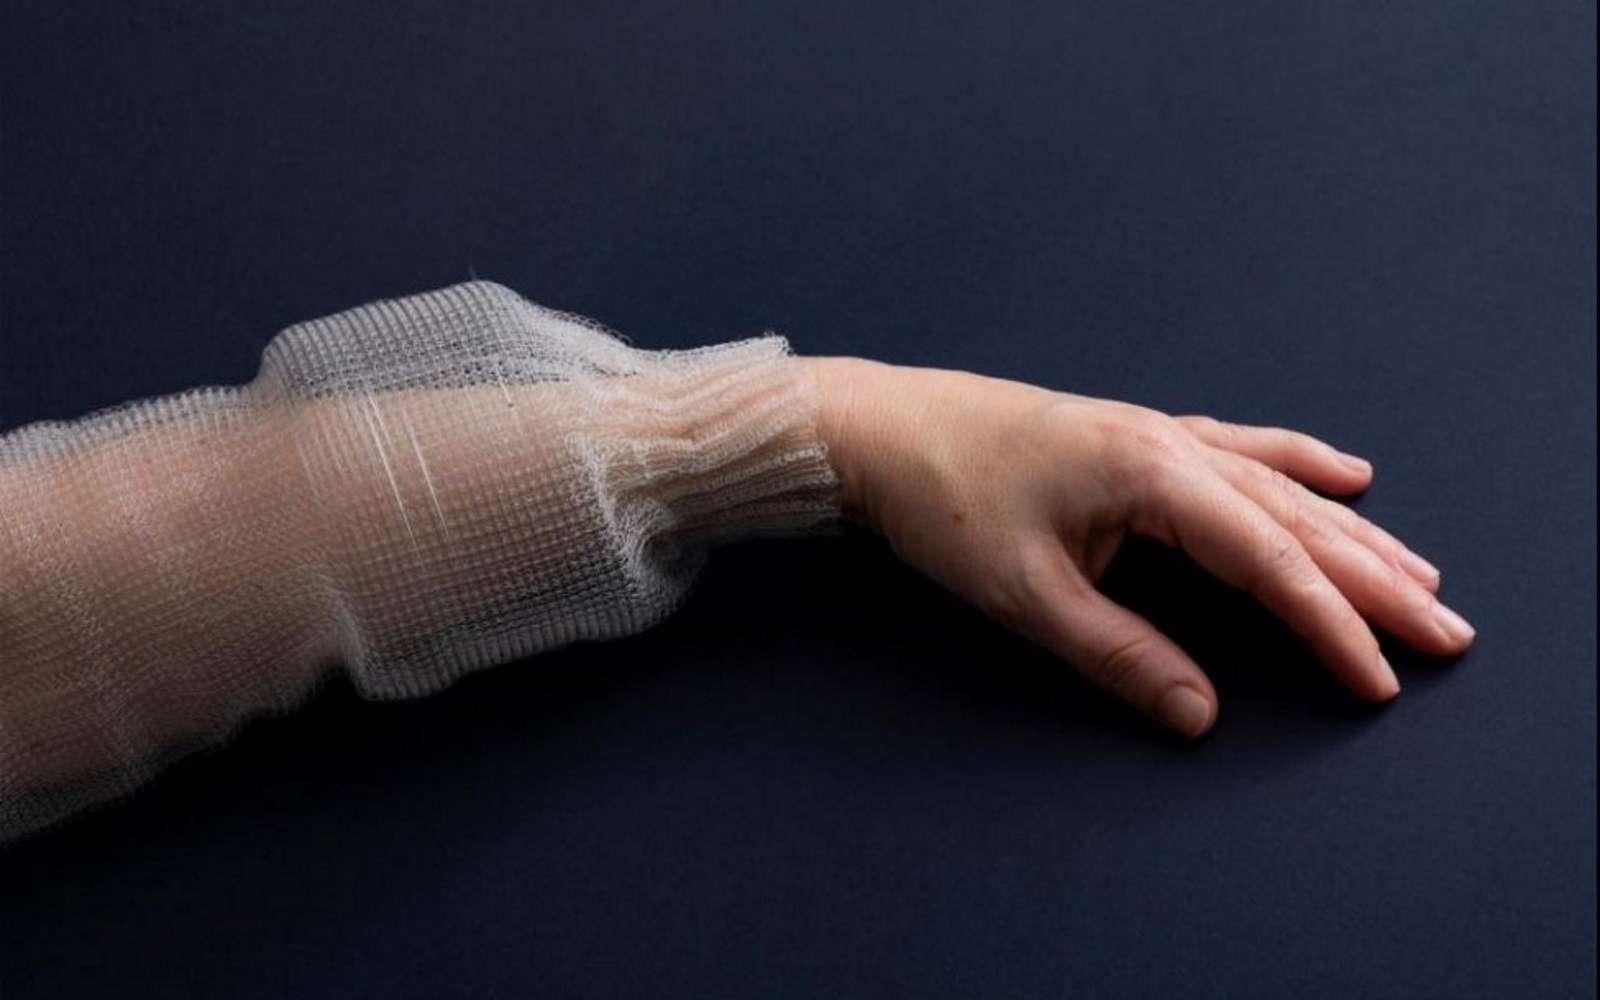 Cette fibre textile peut être utilisée pour créer des vêtements intelligents. © Anna Gitelson-Kahn, Roni Cnaani